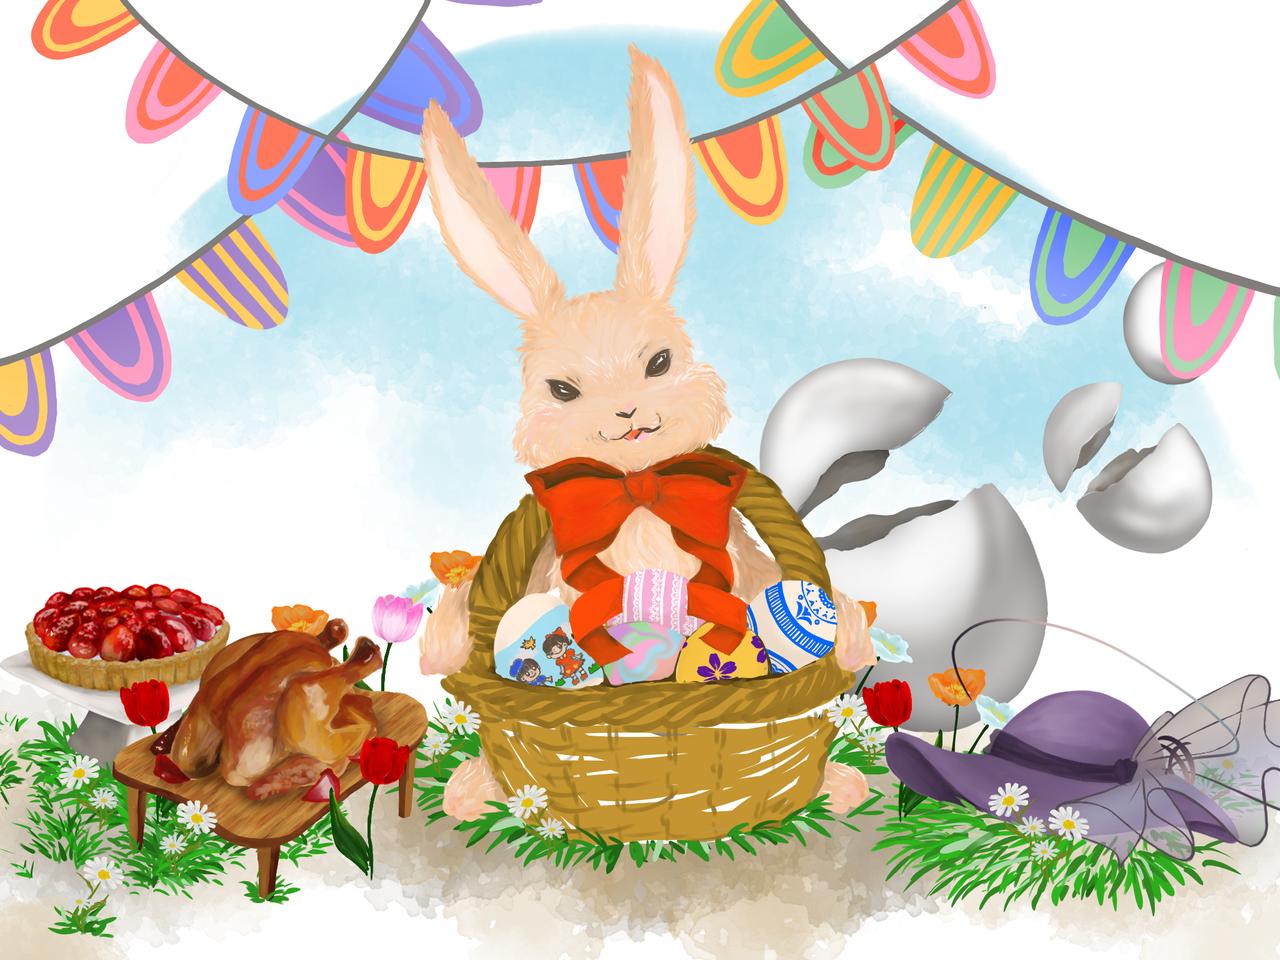 イースター祭 Illust of 生 March.2020Contest:Easter イースター